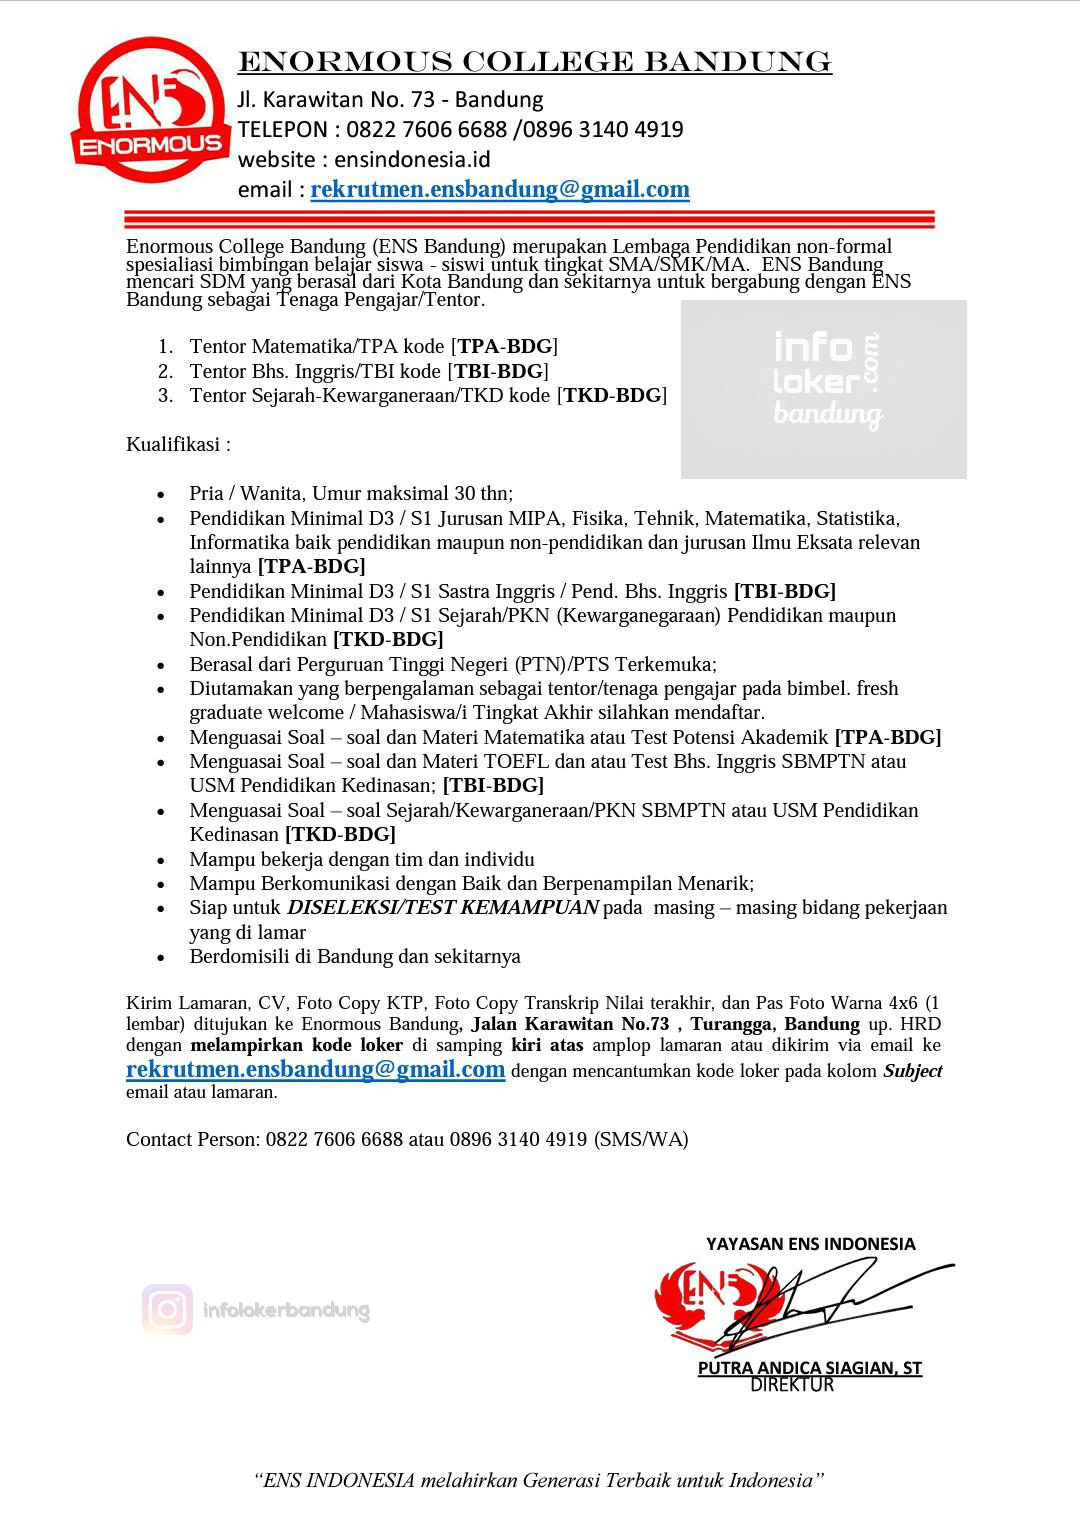 Lowongan kerja Enormous College Bandung Februari 2017